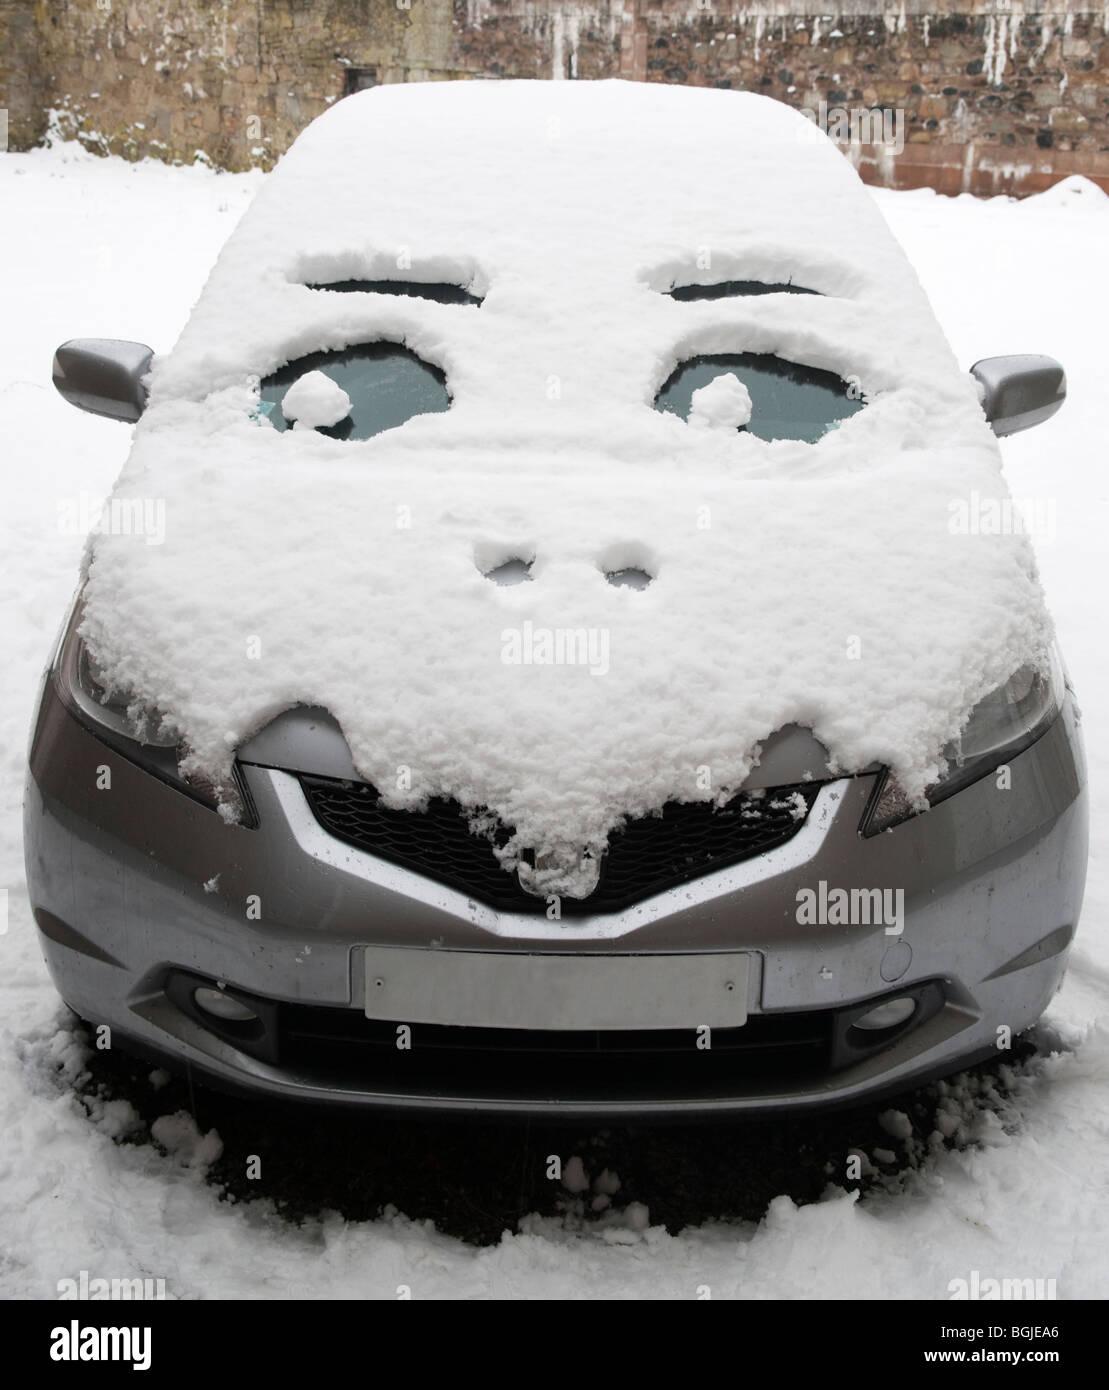 Auto nach Winter Schneefall ein Gesicht gegeben Stockbild